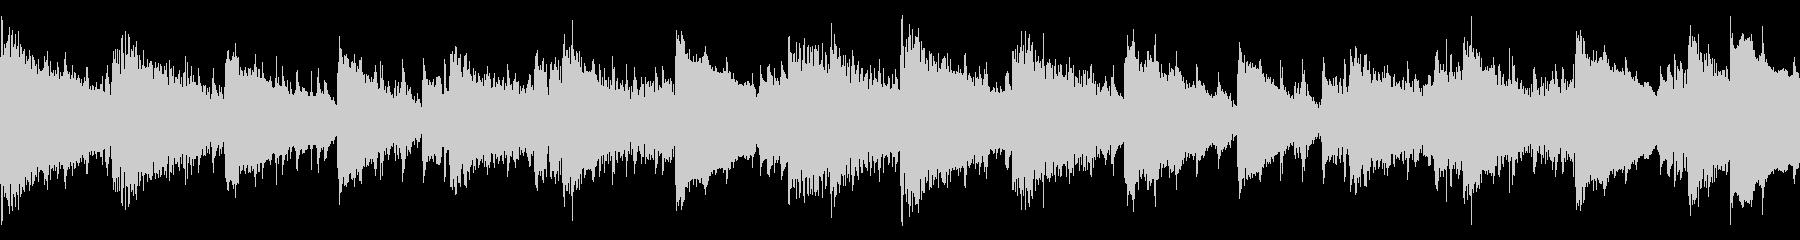 クラップ(拍手)を基調とし、変奏させた…の未再生の波形